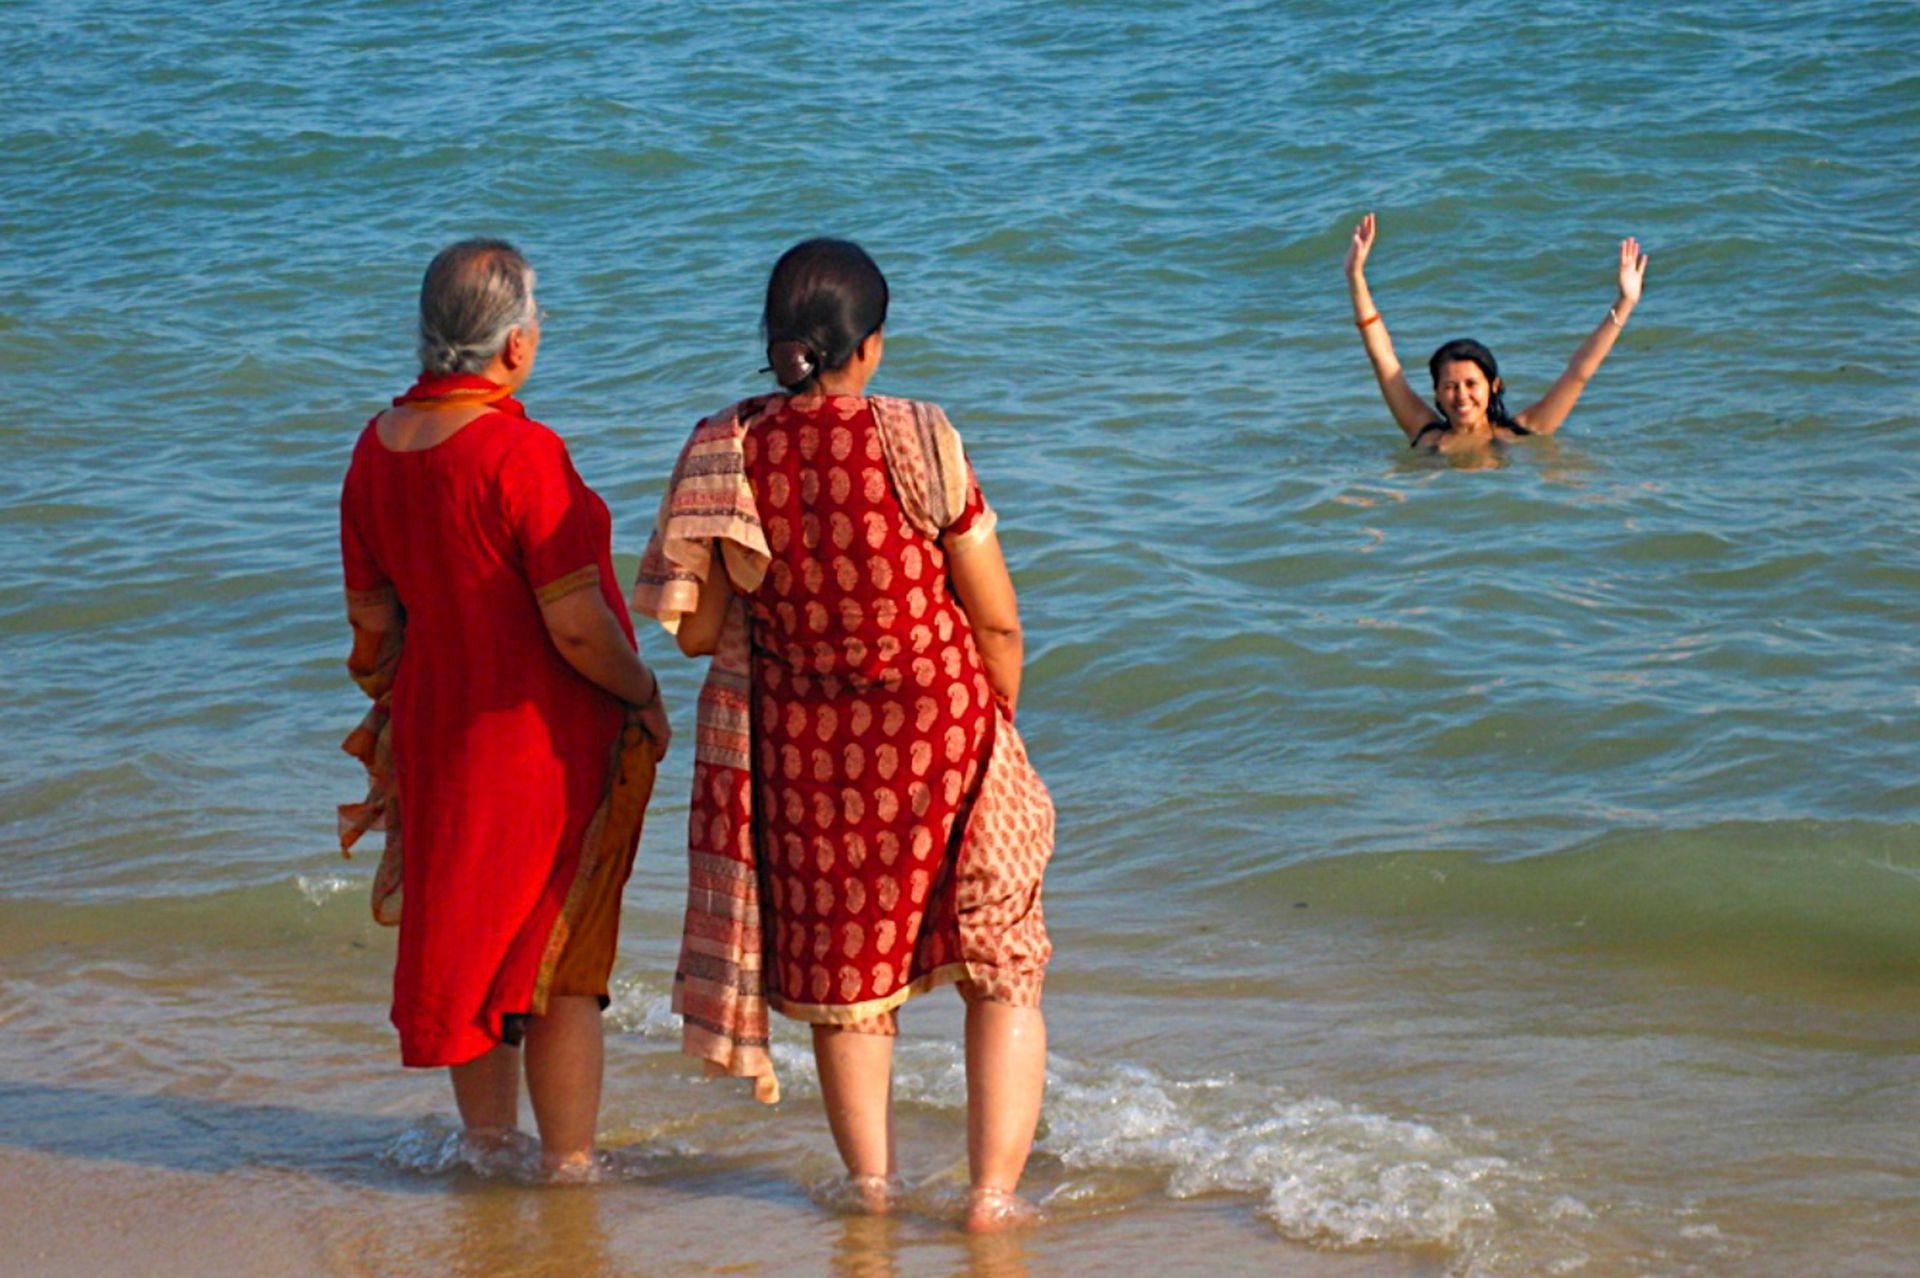 Maureen en el mar.